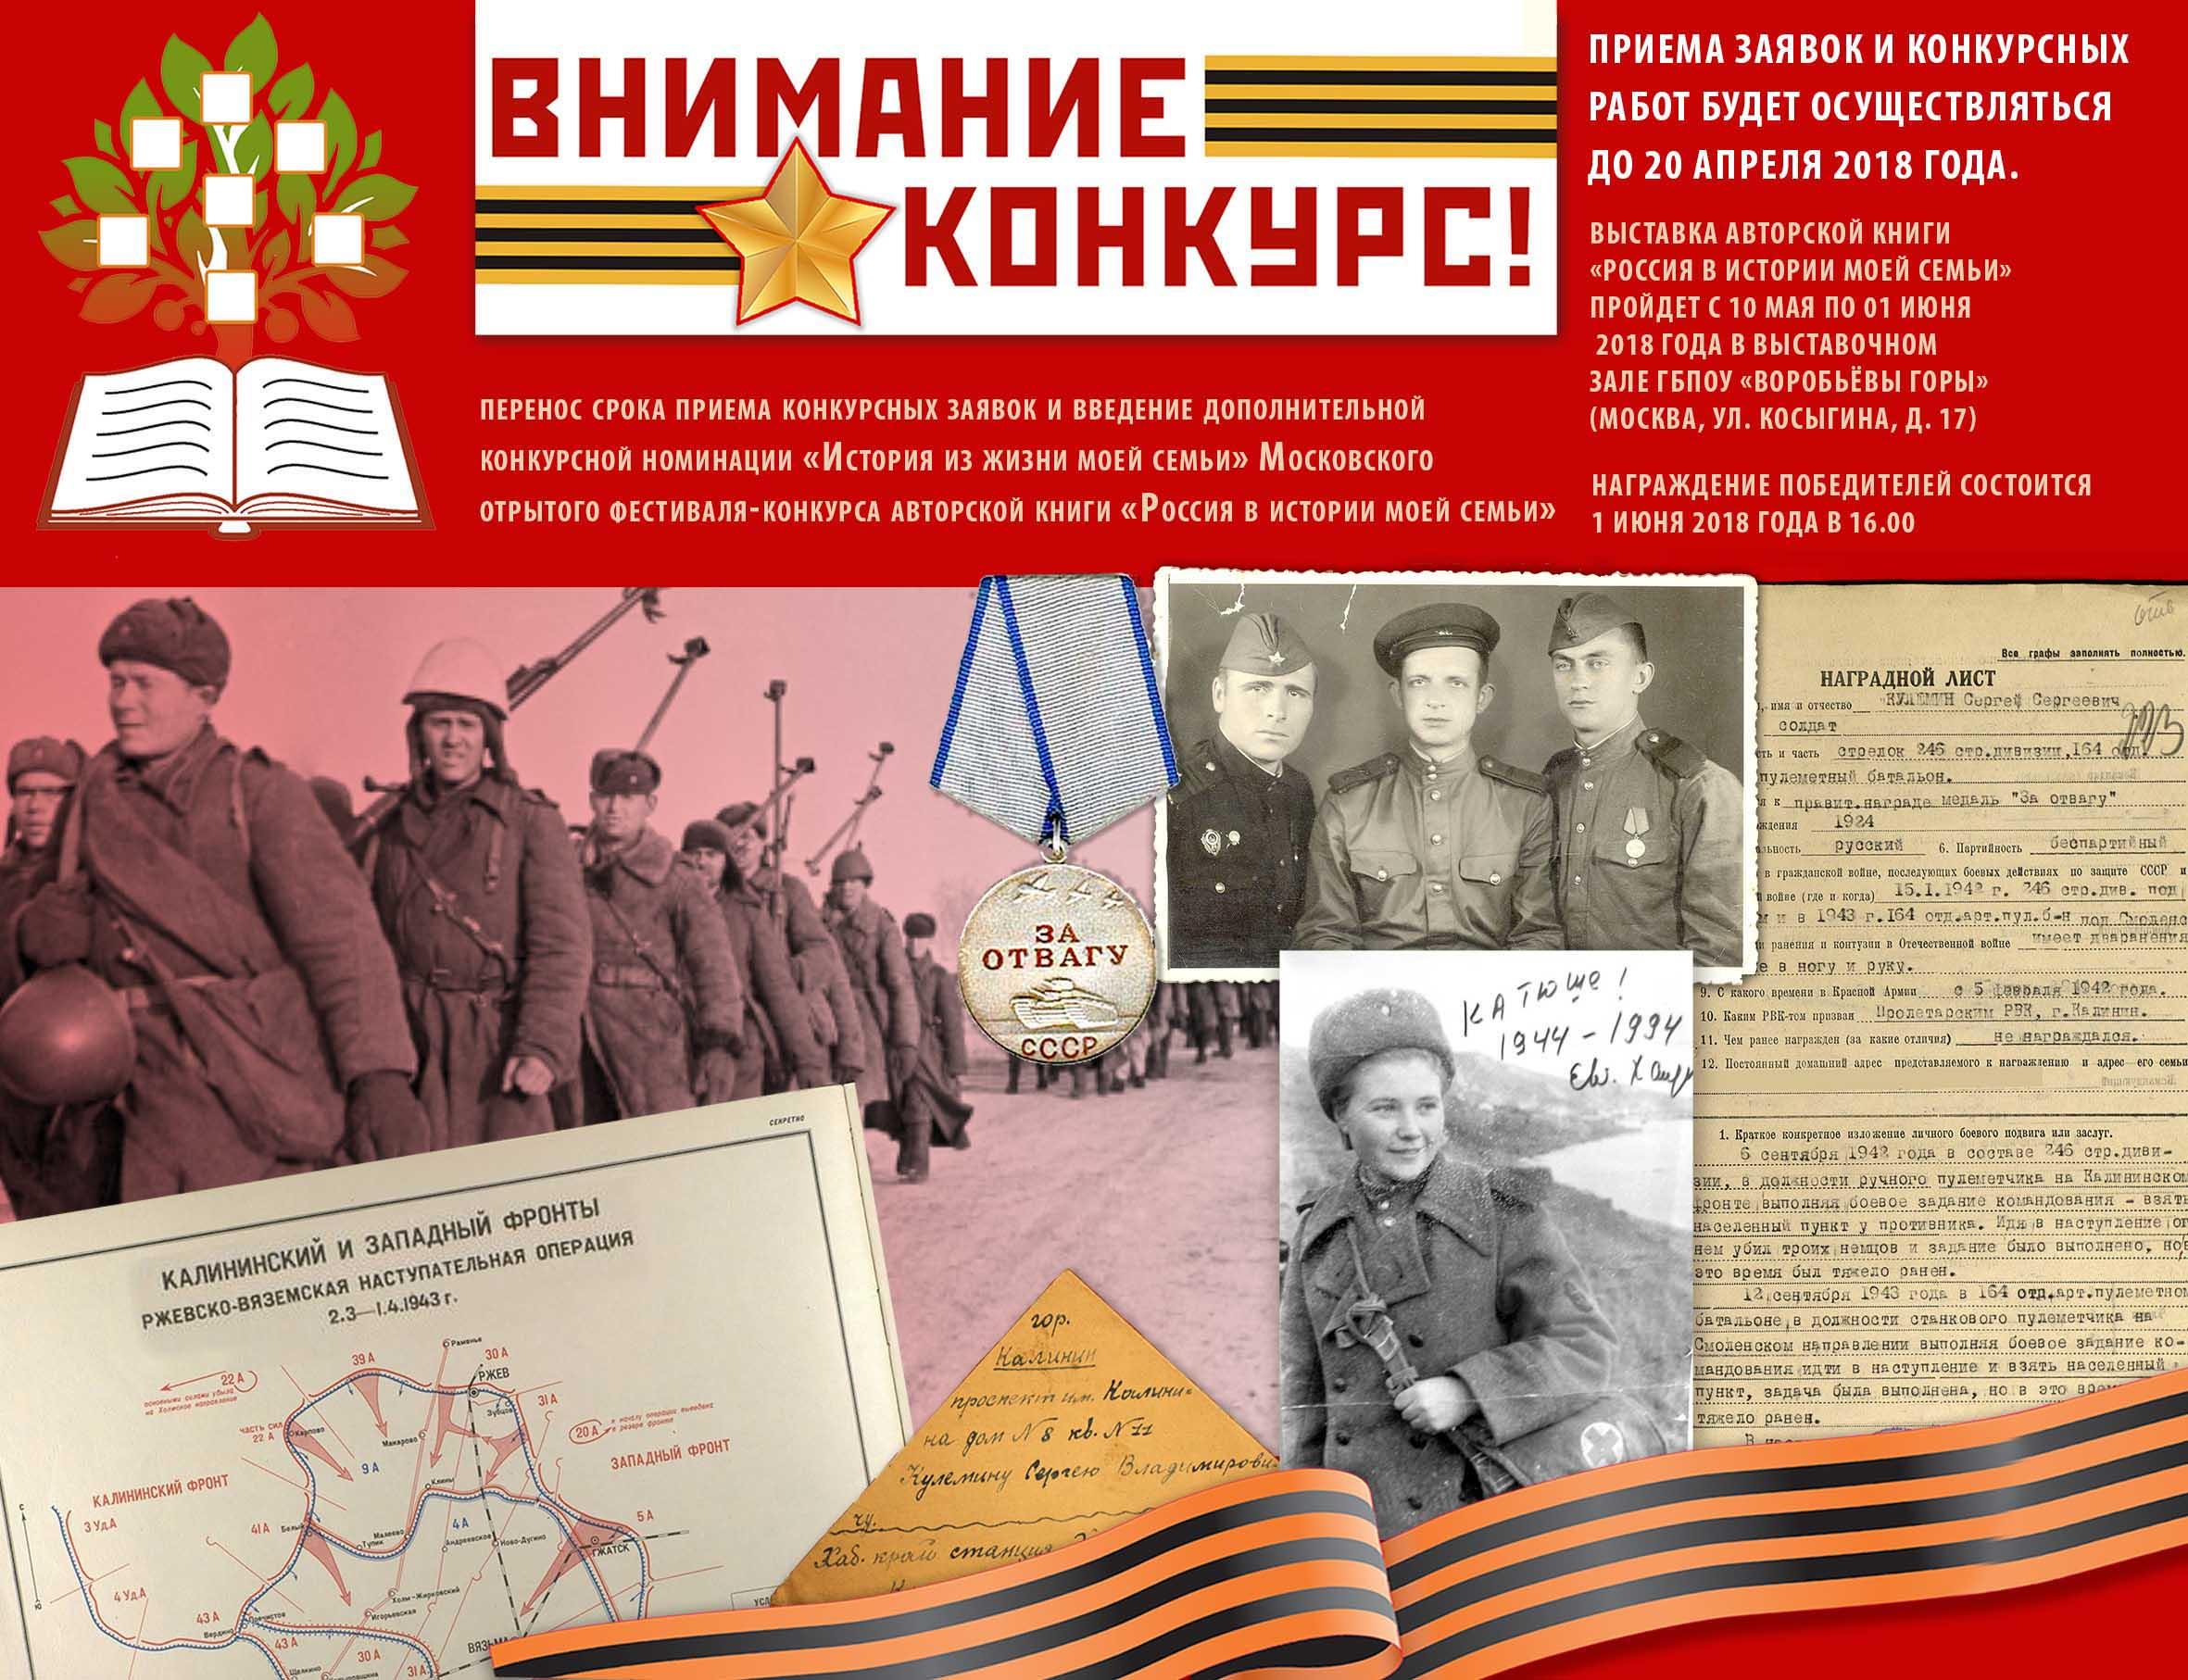 Россия в истории моей семьи